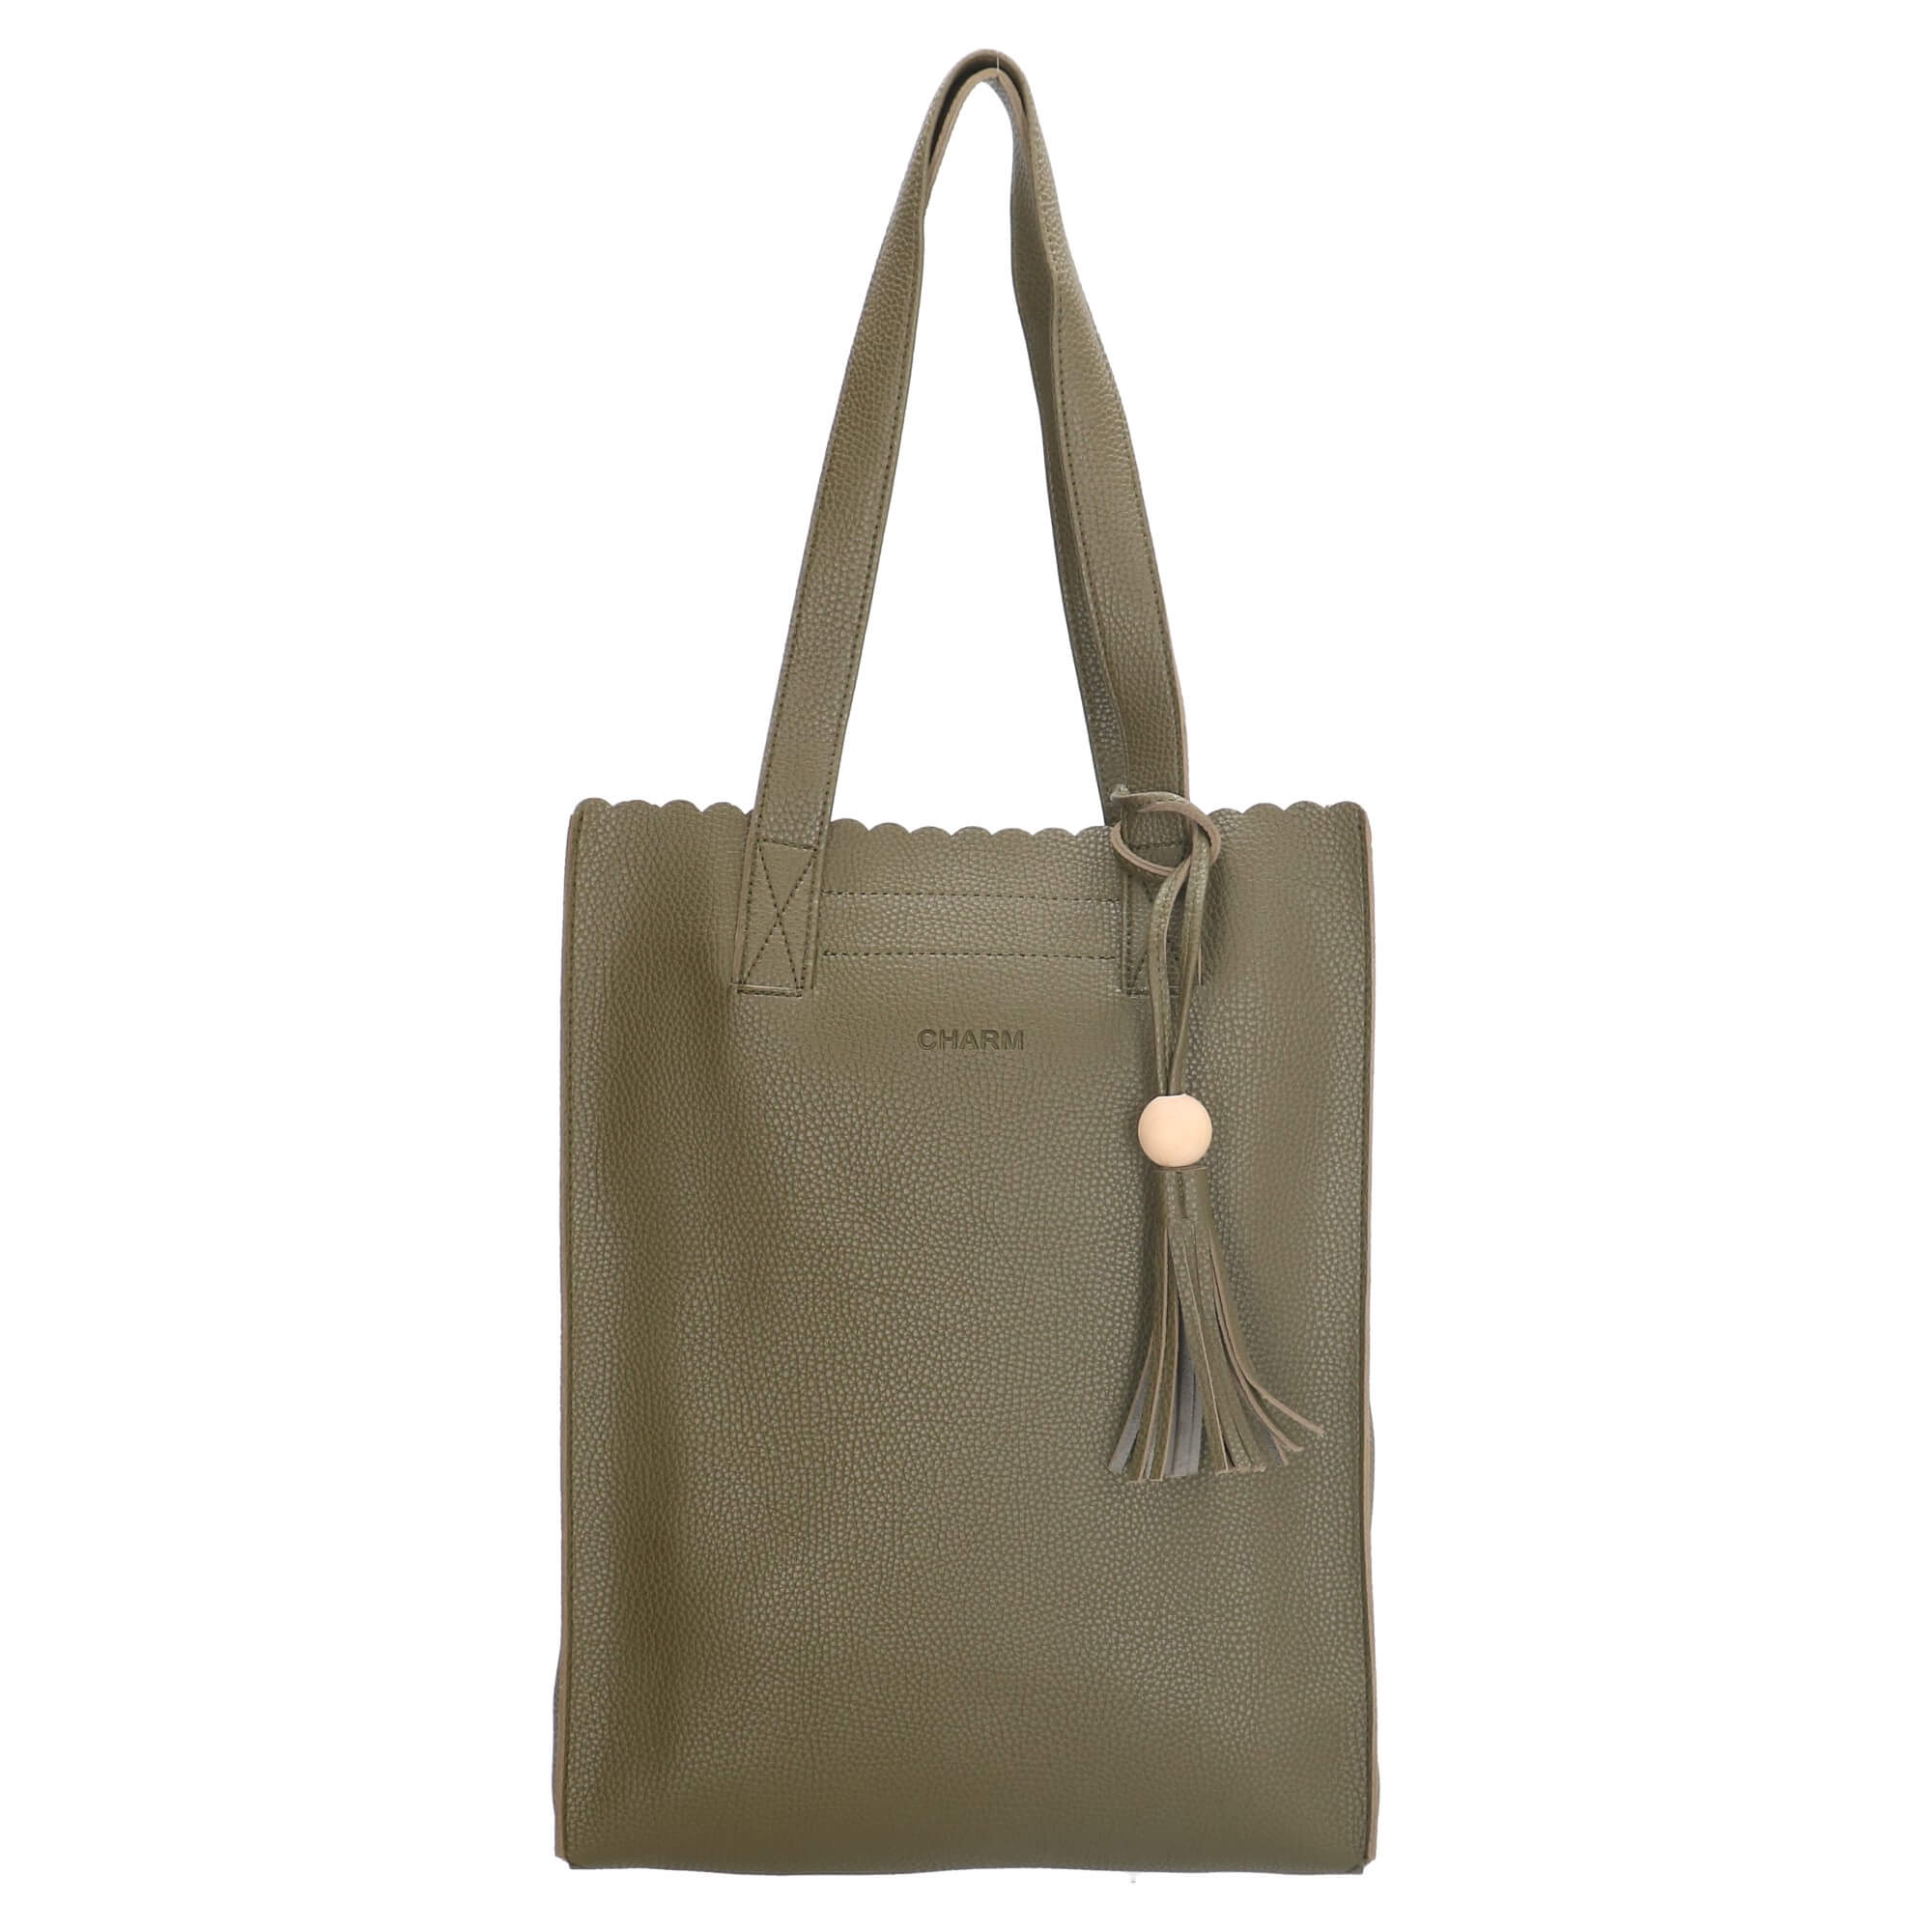 fcef6715323 Charm Shopper Olijf Groen | Online Kopen | Snelle Levering